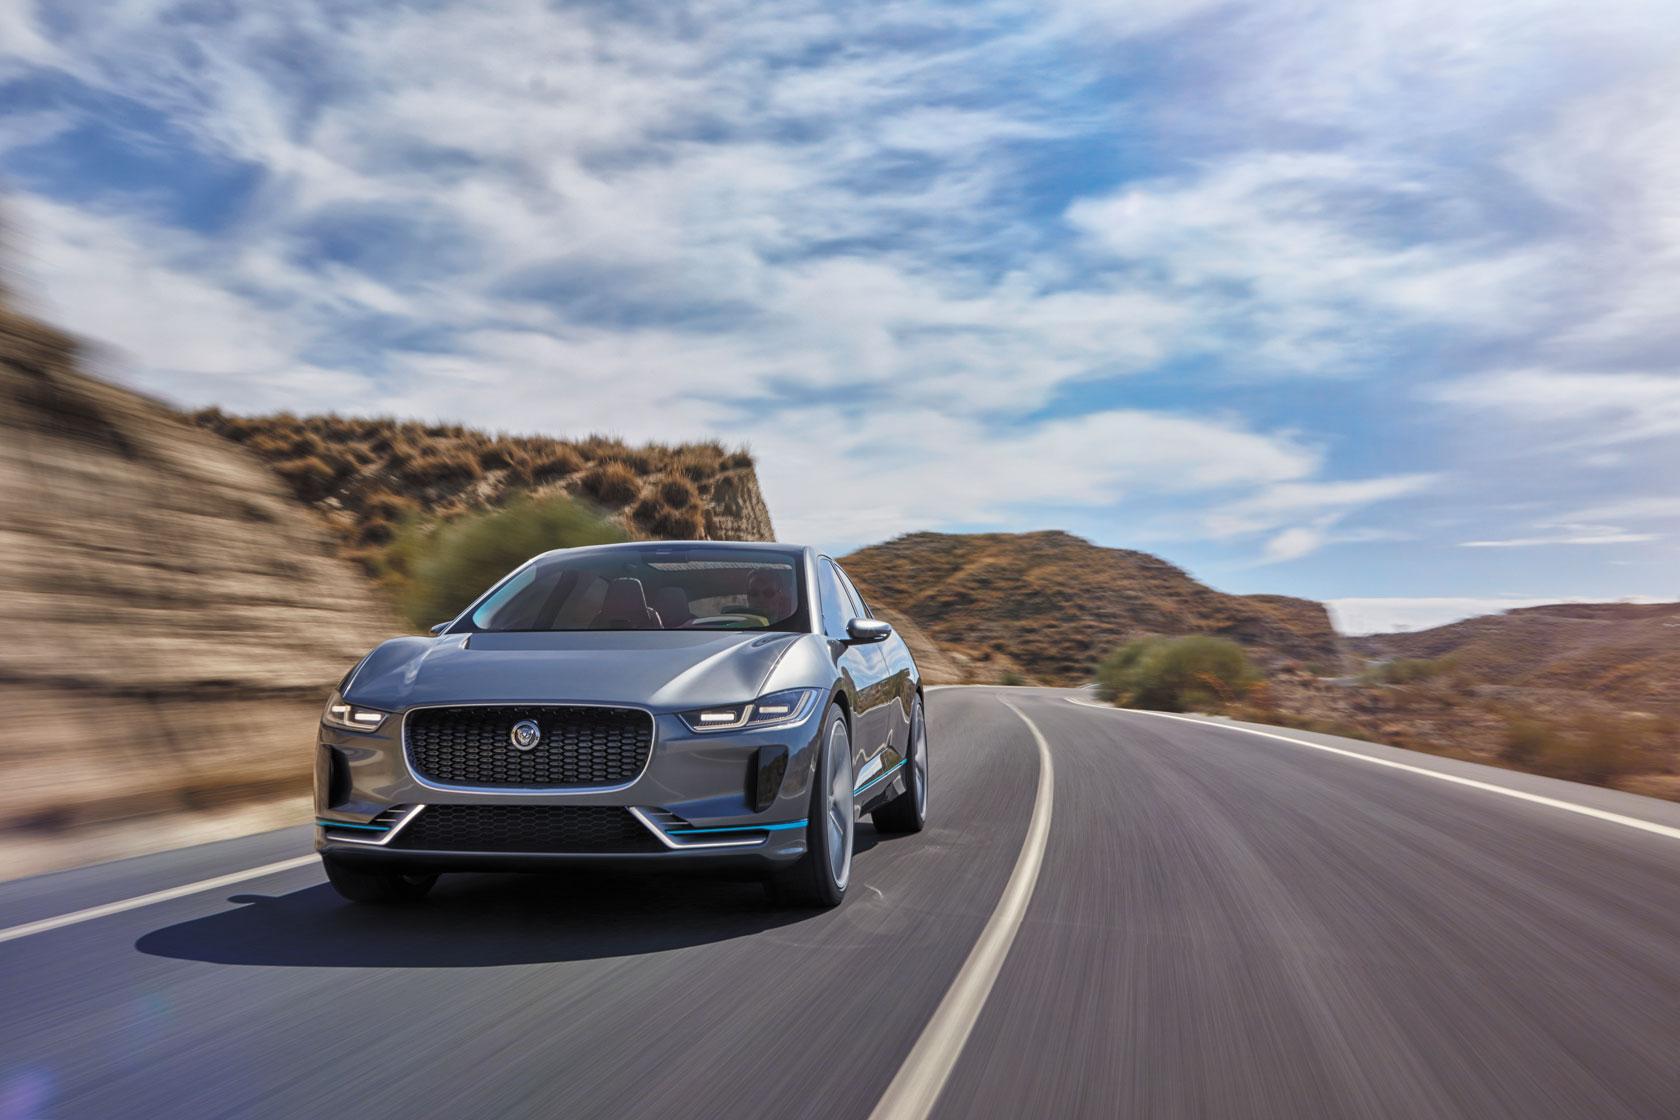 Jaguar présente le I-PACE, un SUV 100% éléctrique